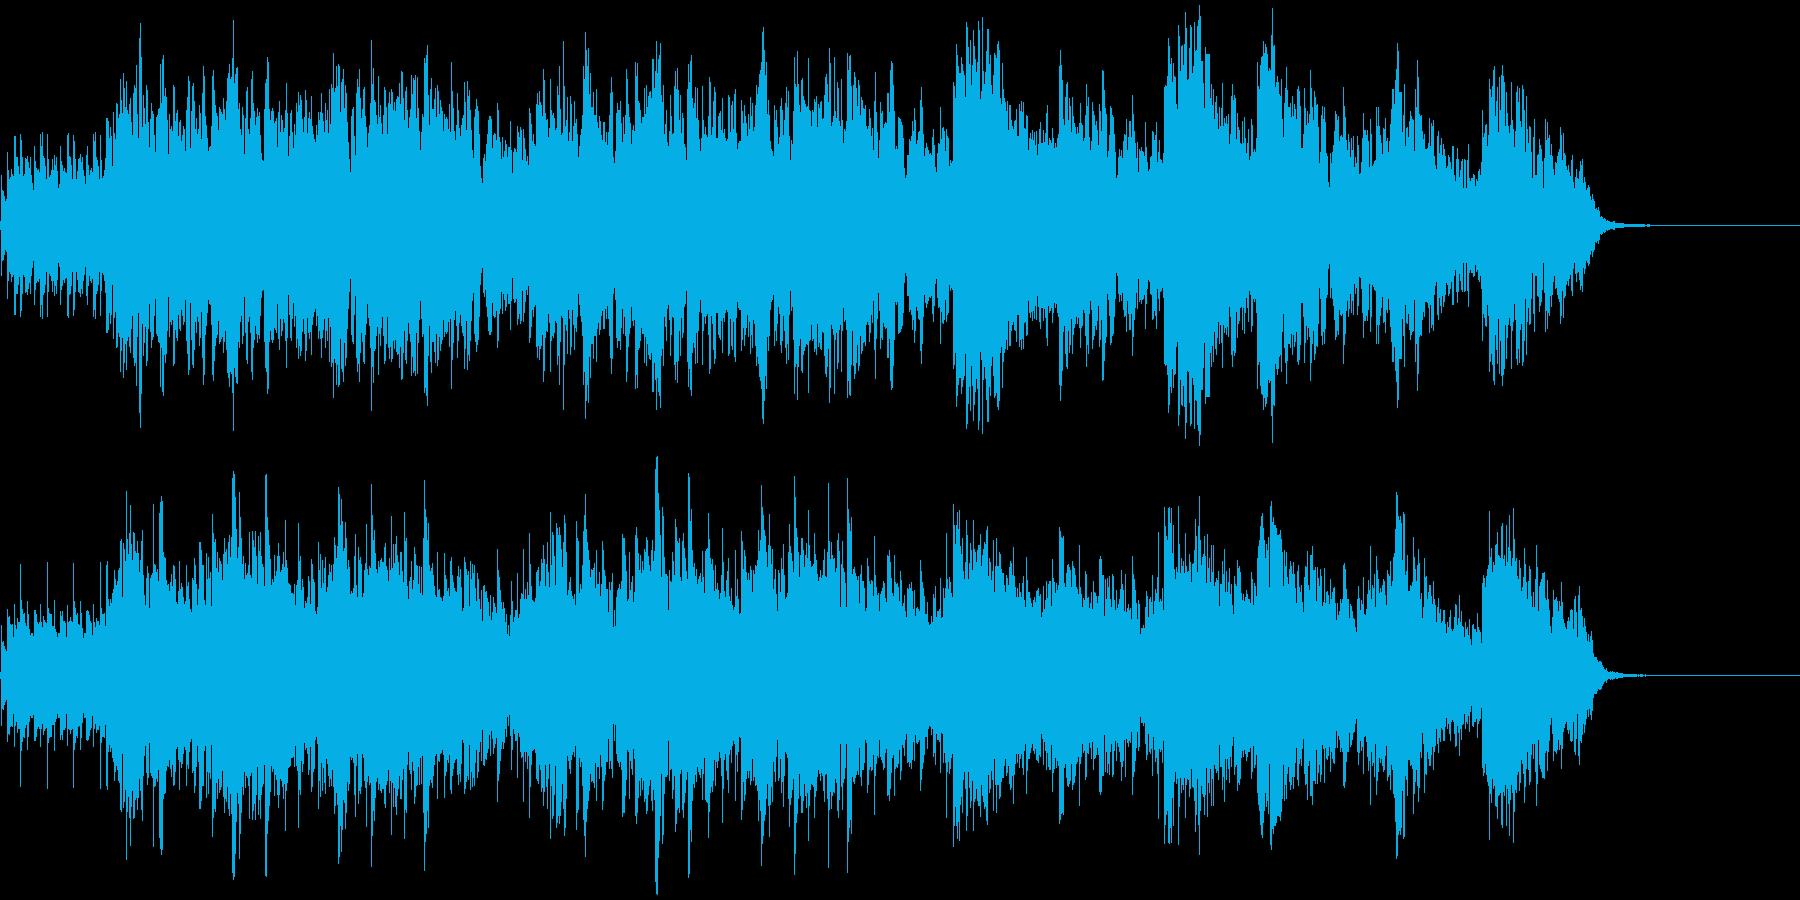 creo_leo_bgm33の再生済みの波形